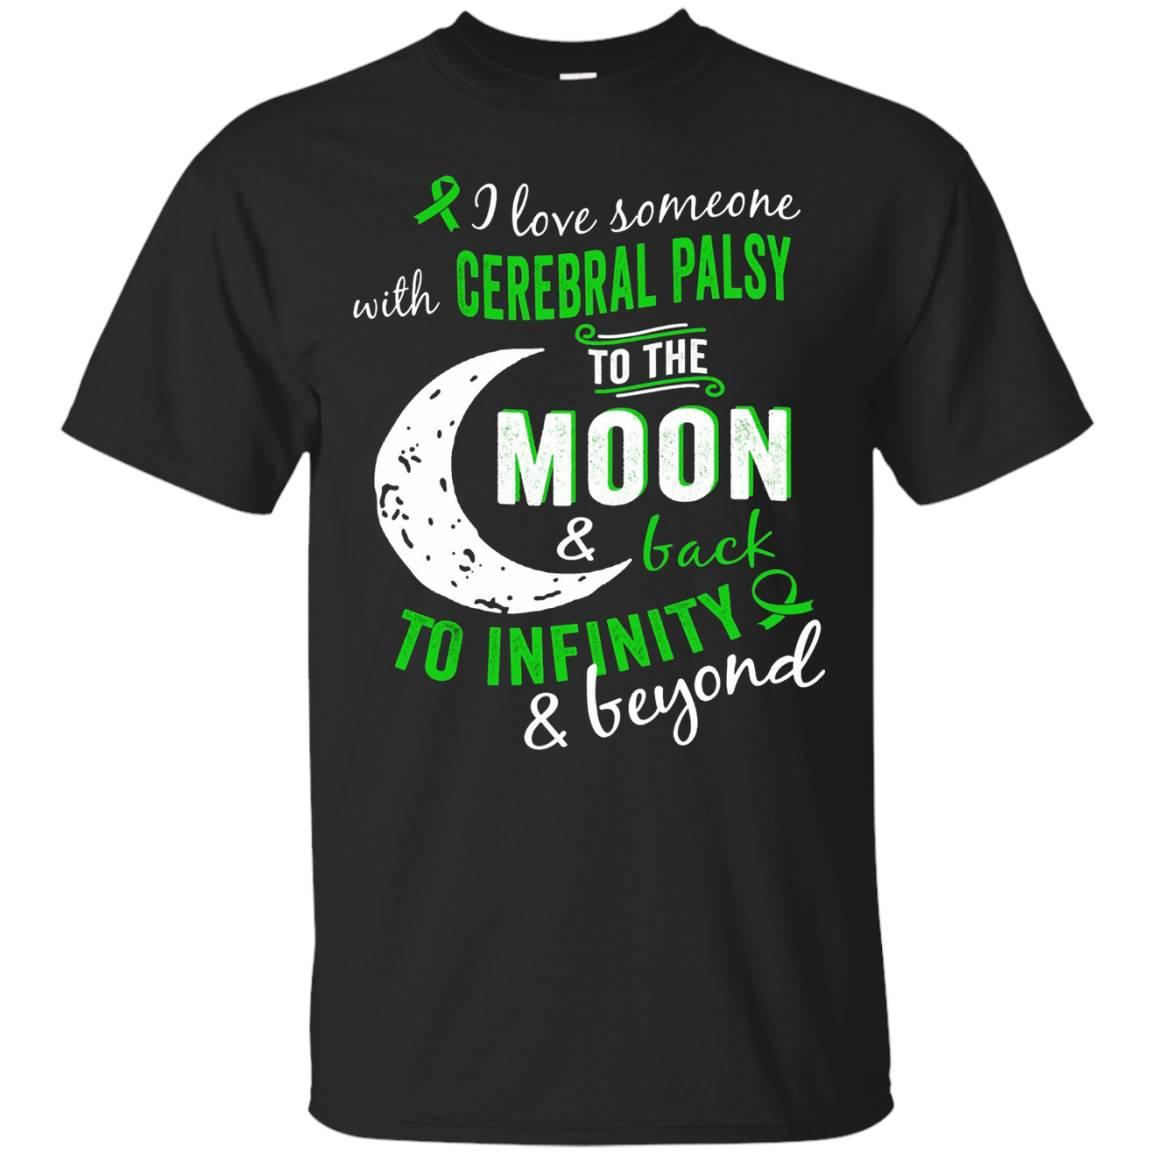 Cerebral Palsy Shirt – Cerebral Palsy Awareness Shirt